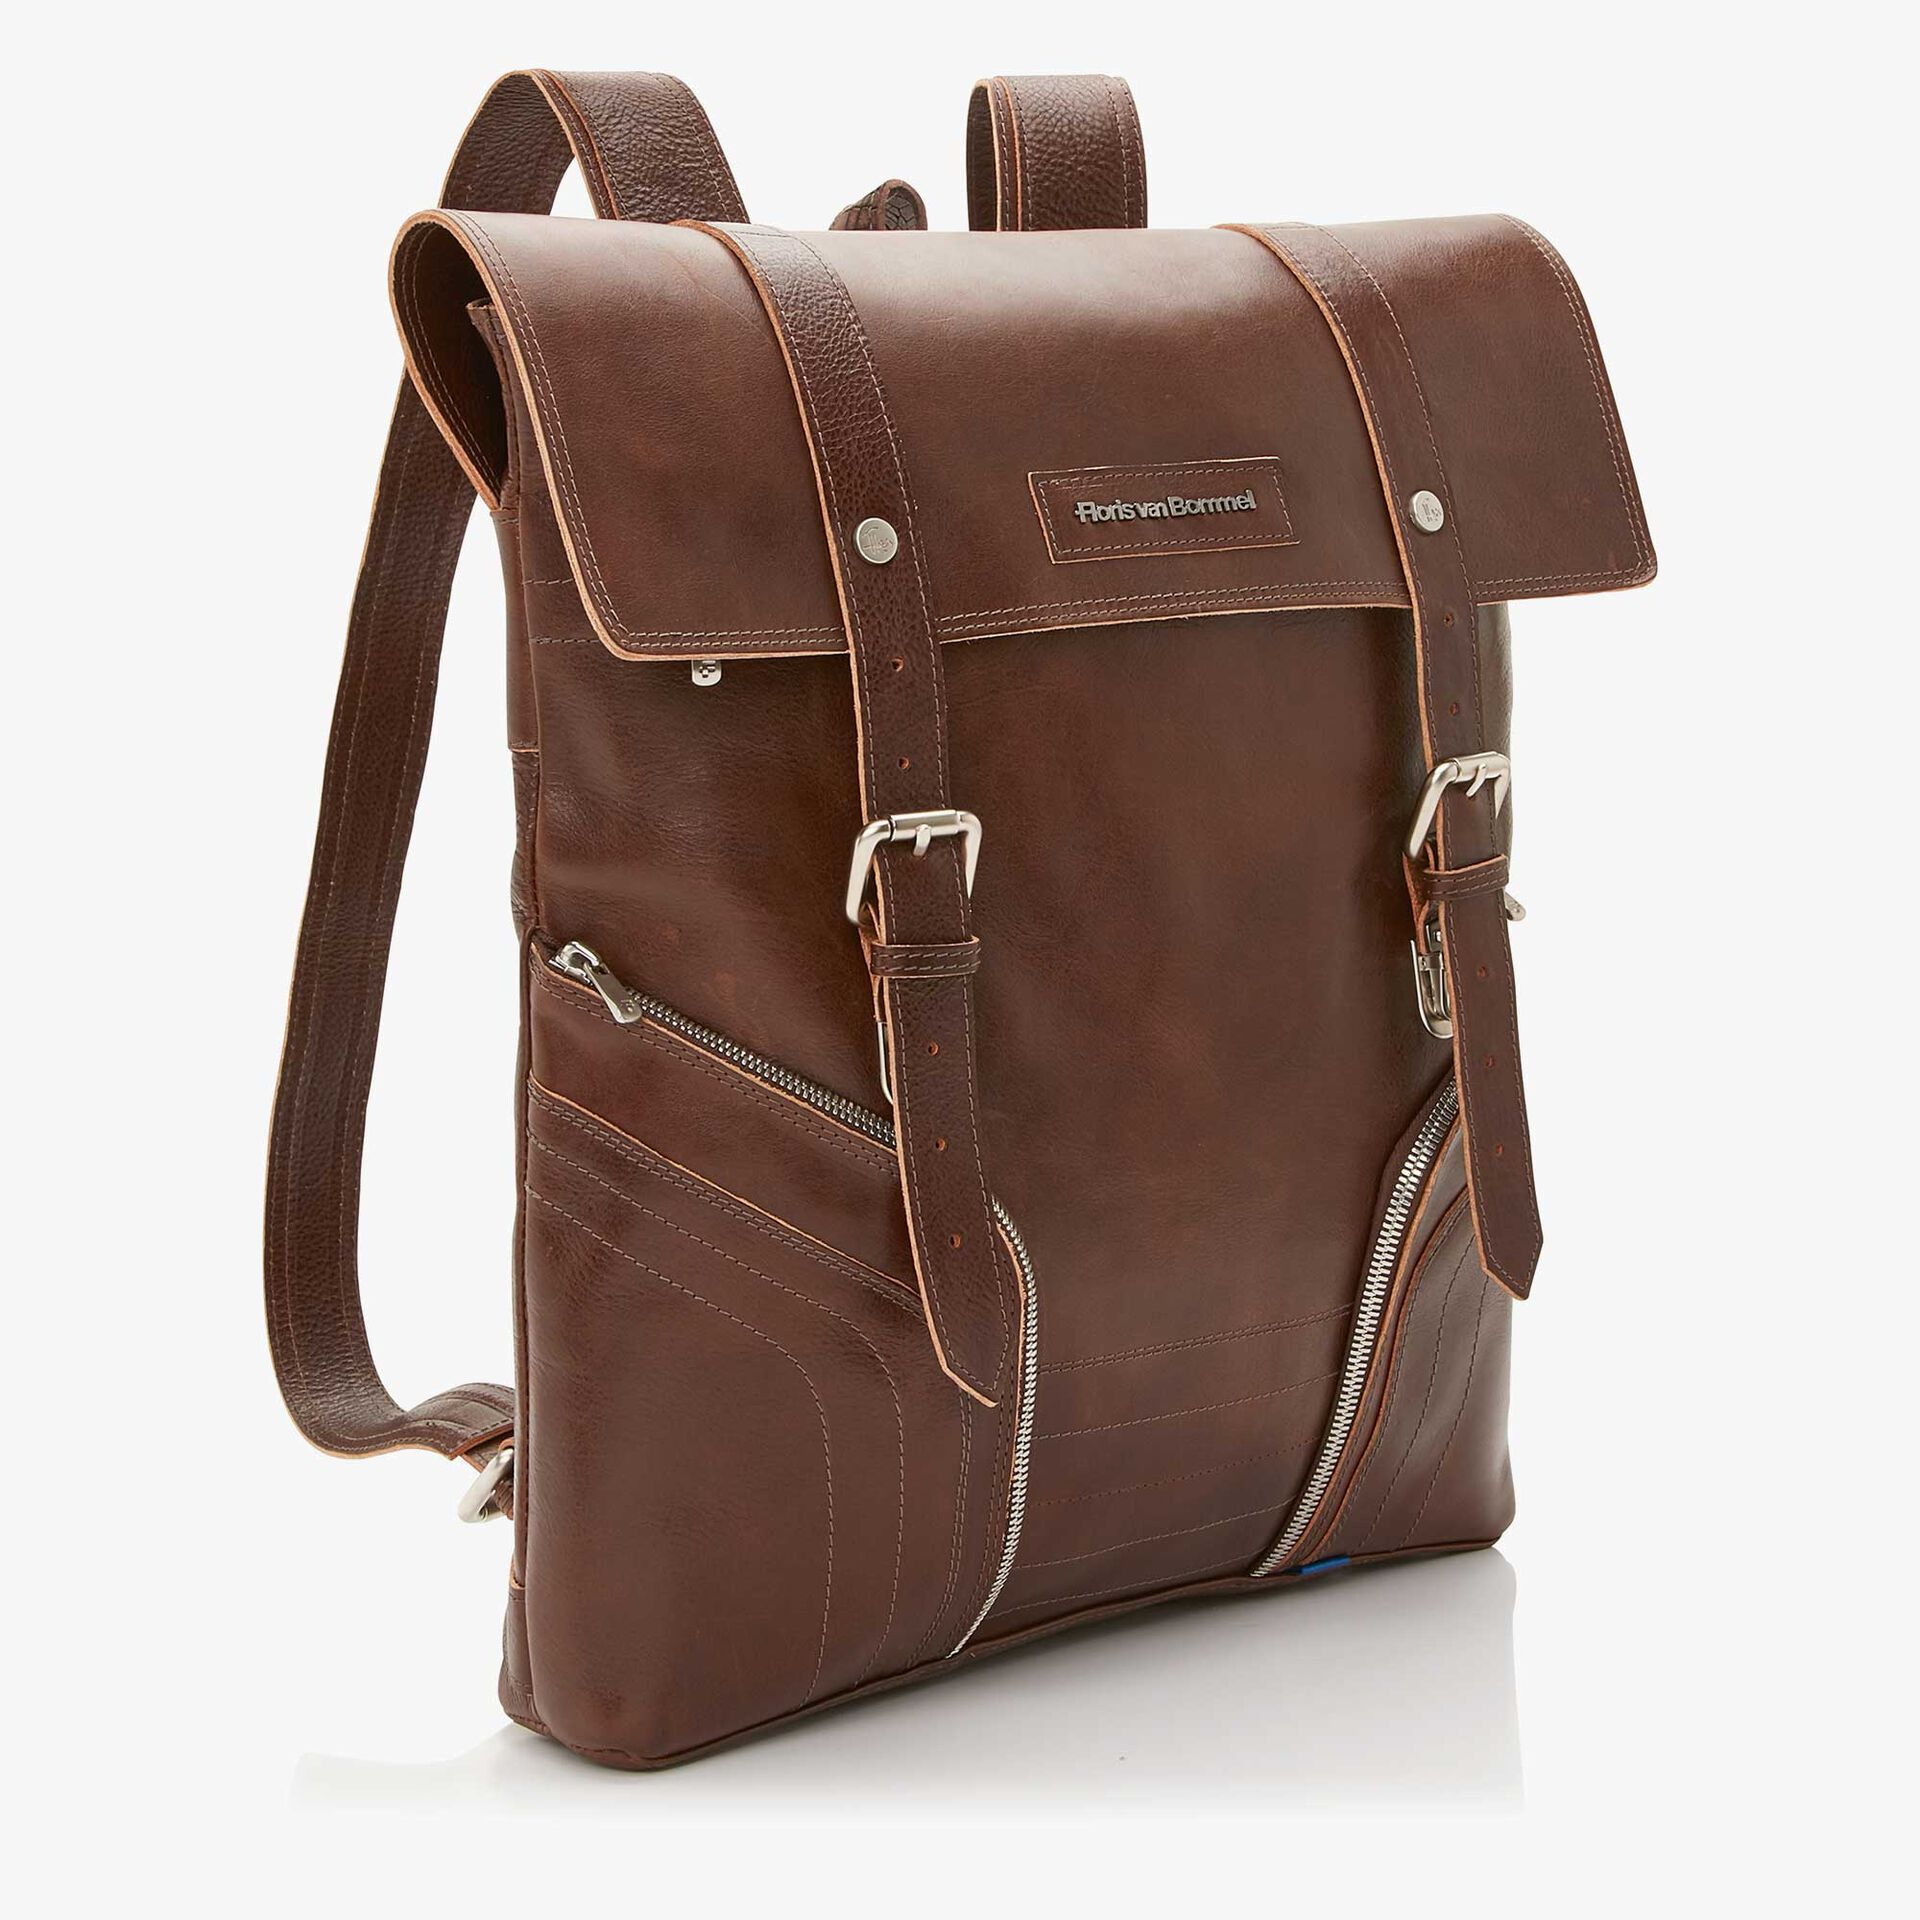 Floris van Bommel brown leather backpack